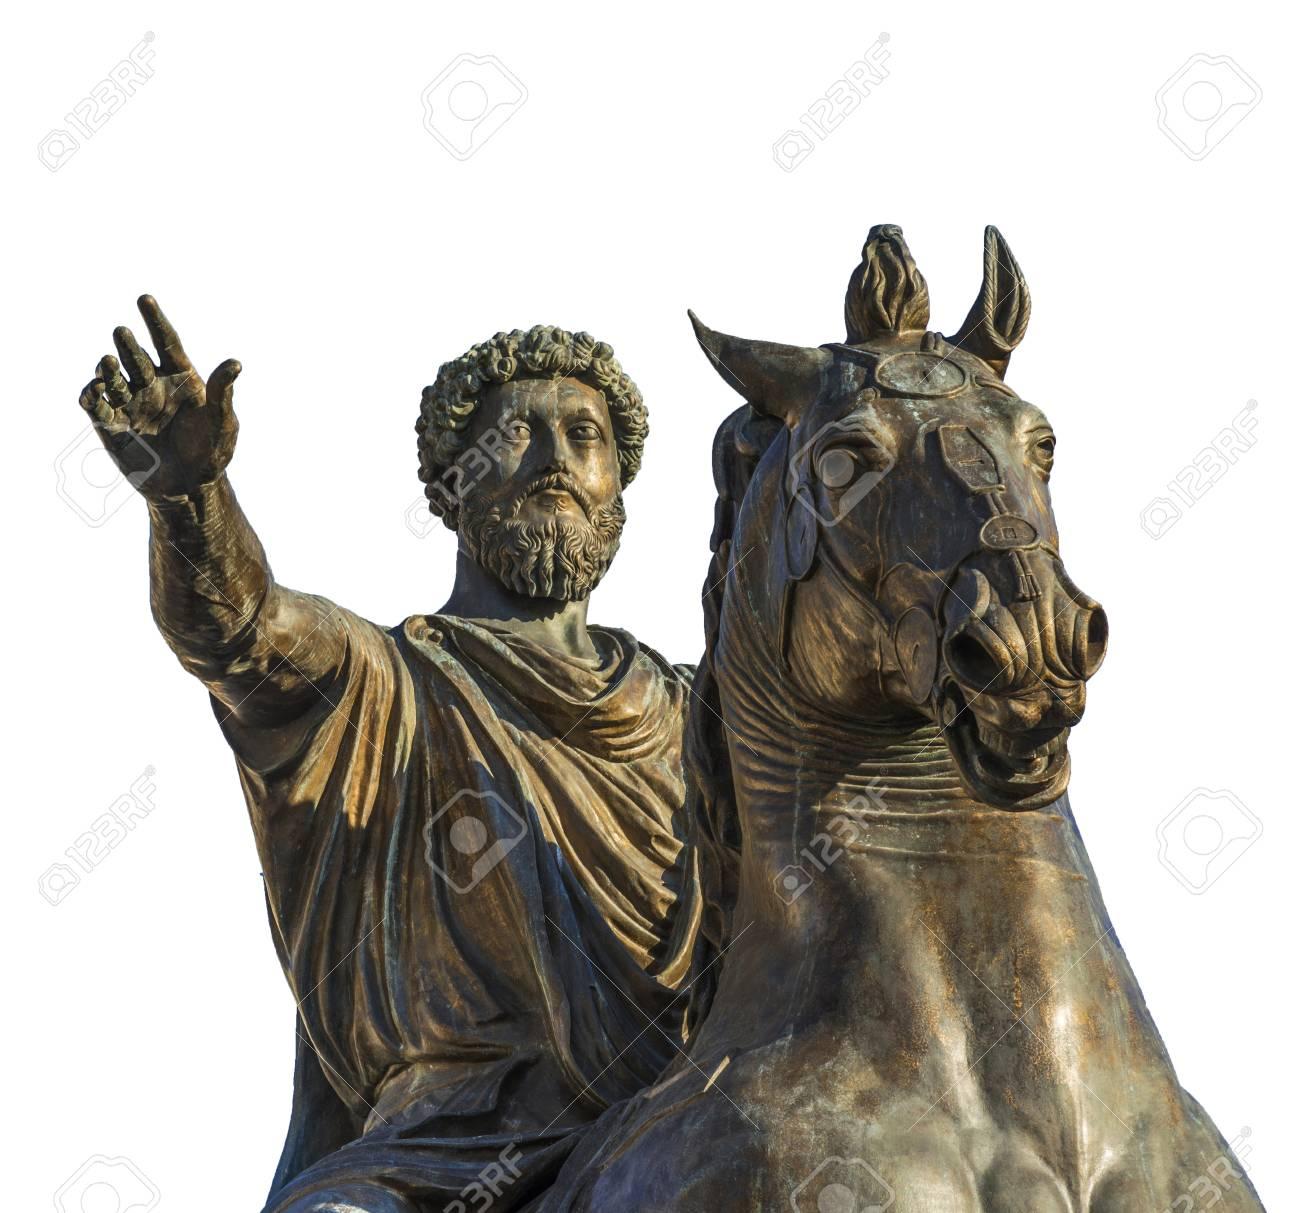 Antiguo Monumento Ecuestre Del Emperador Marco Aurelio, Una Réplica ...